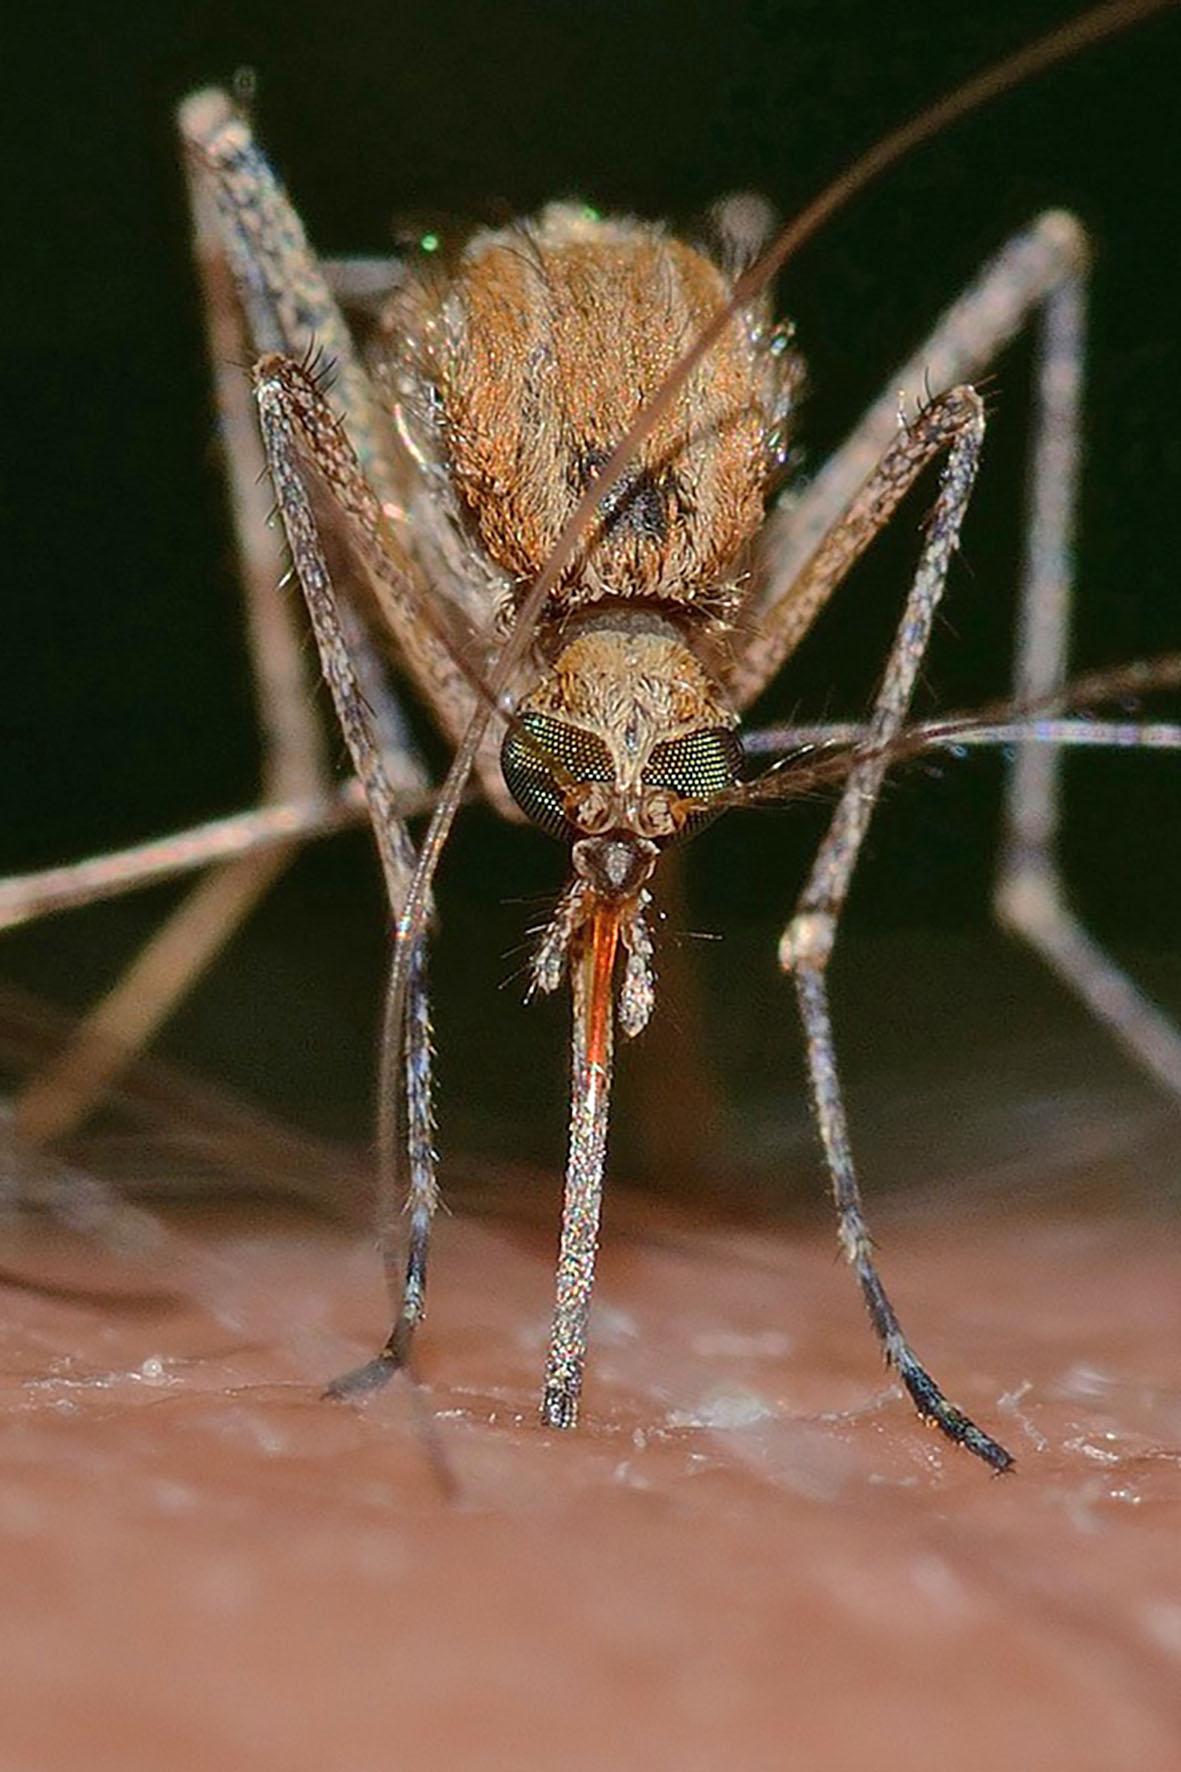 Mücken sind wohl die unbeliebtesten Reisebegleiter. Sie können Krankheitserreger wie die der Japanischen Enzephalitis, der Malaria oder des Dengue-Fiebers übertragen - Gesundheitsvorsorge bei Fernreisen